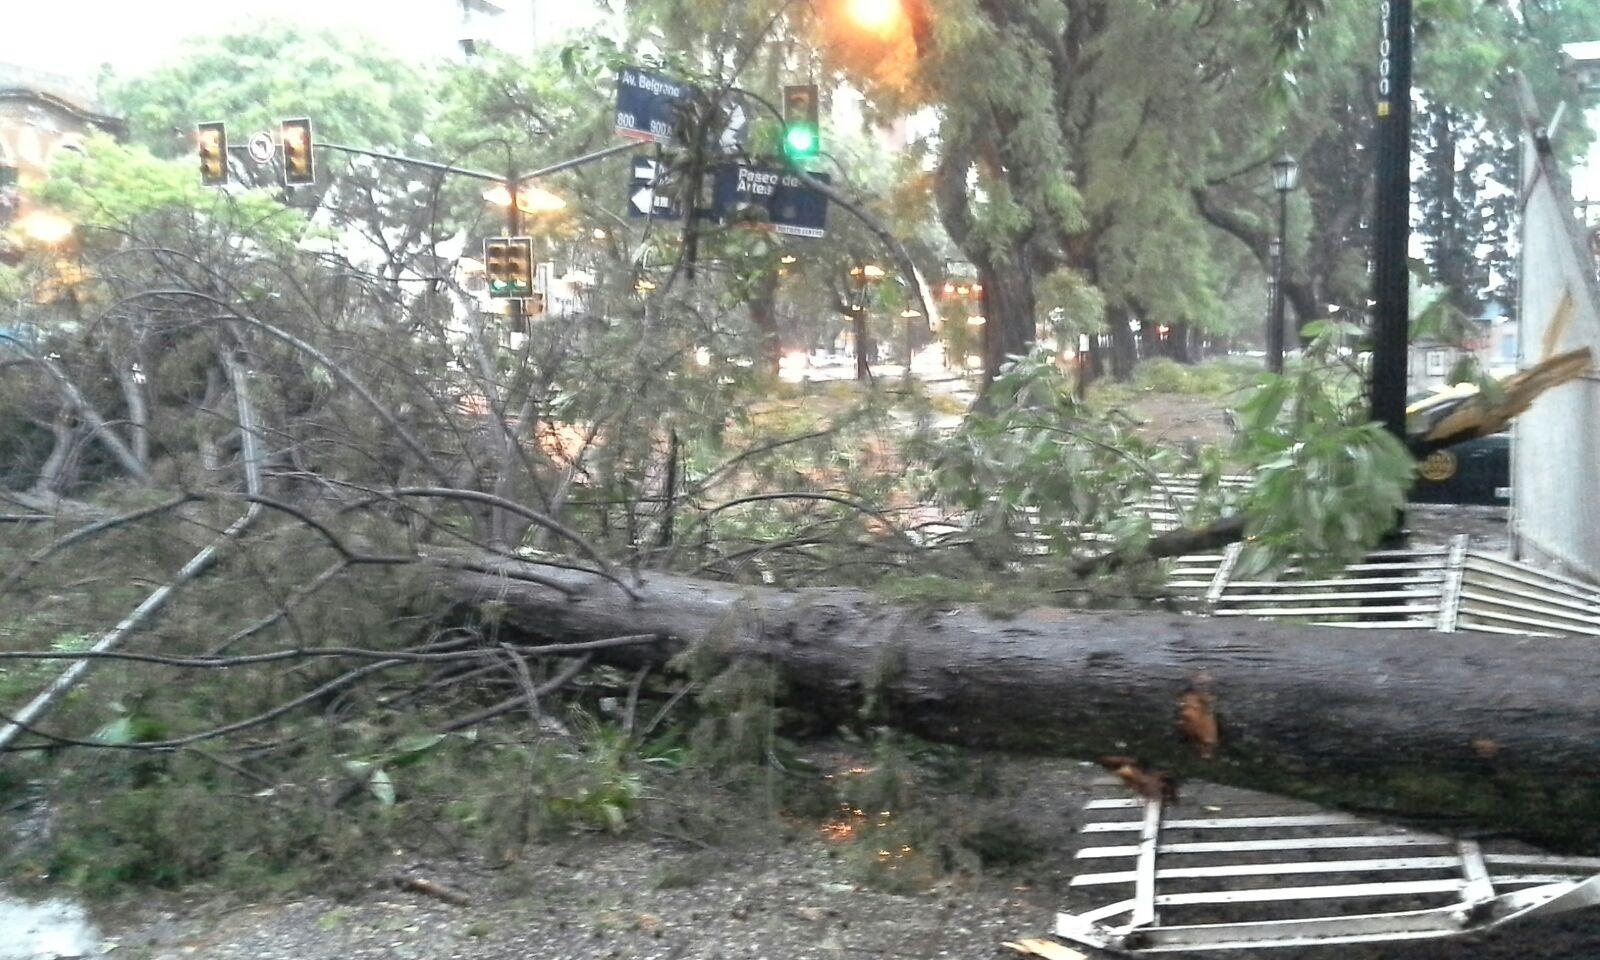 La caída de los árboles produjo daños en la vía pública (Foto: Angel Donzelli)